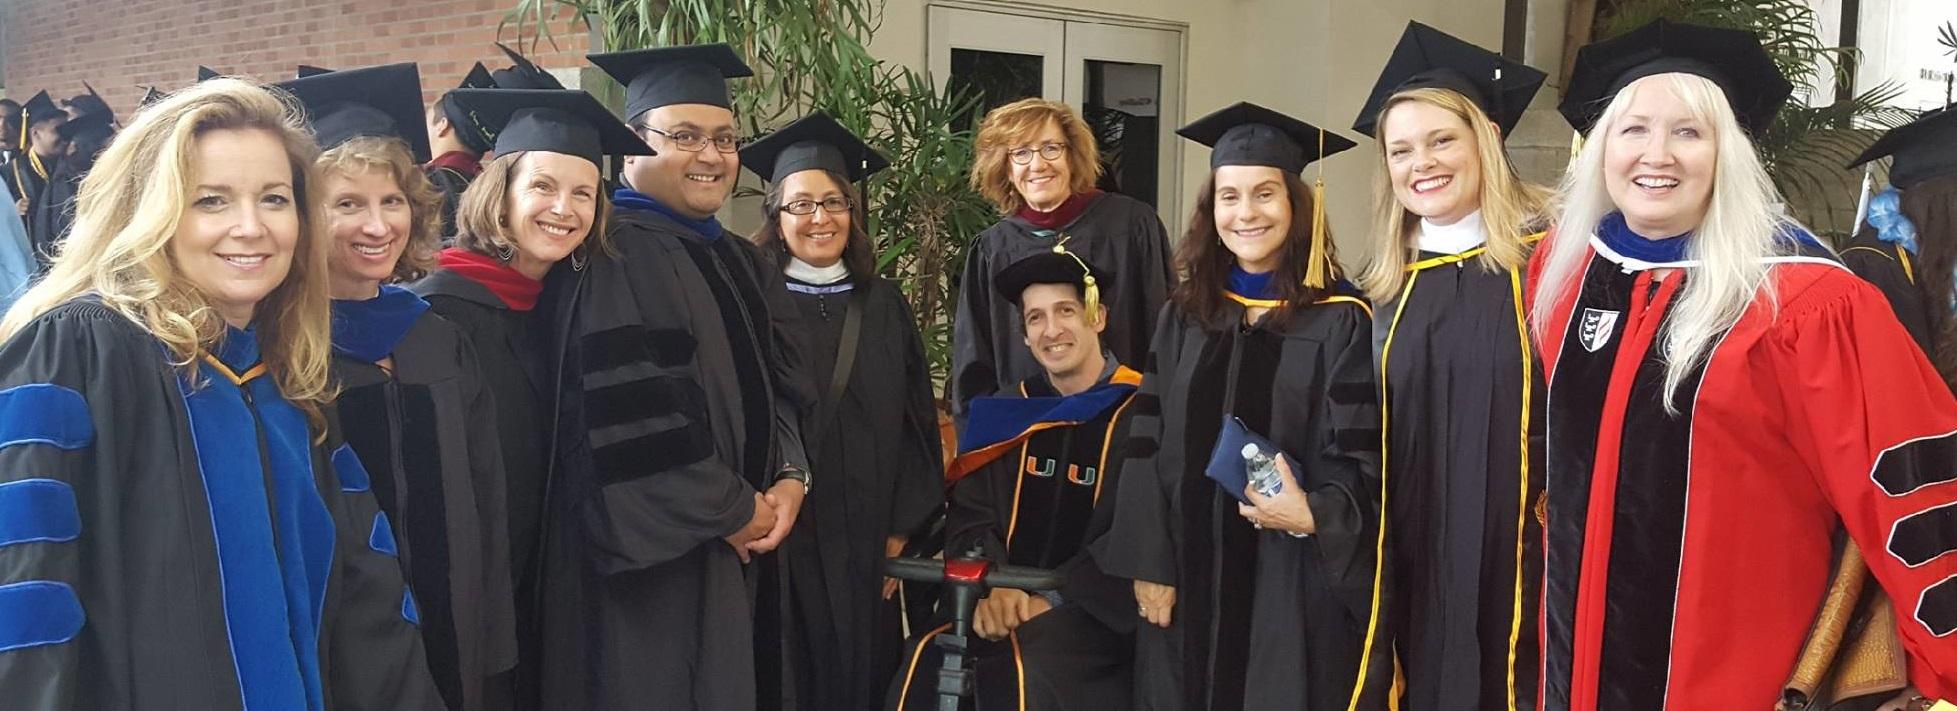 Faculty Grad 2017